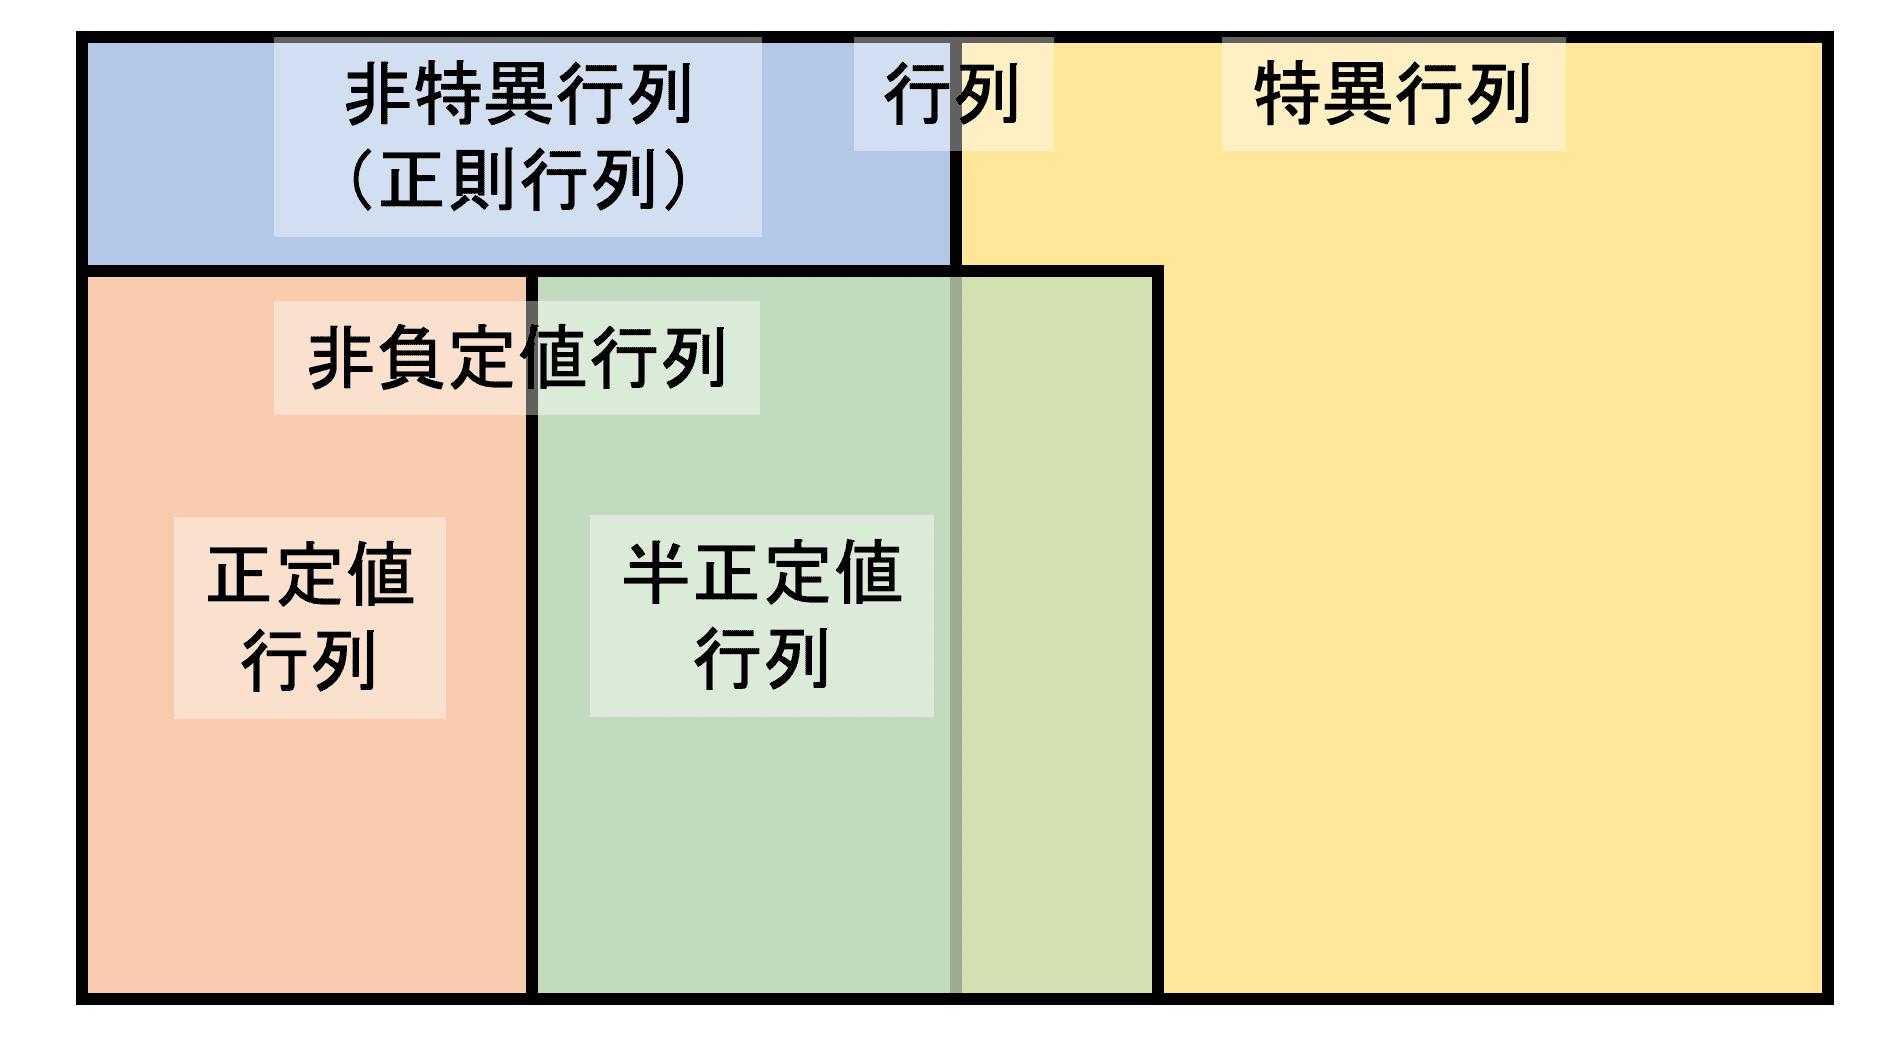 値 行列 正定 半正定値行列の同値な4つの定義(性質)と証明